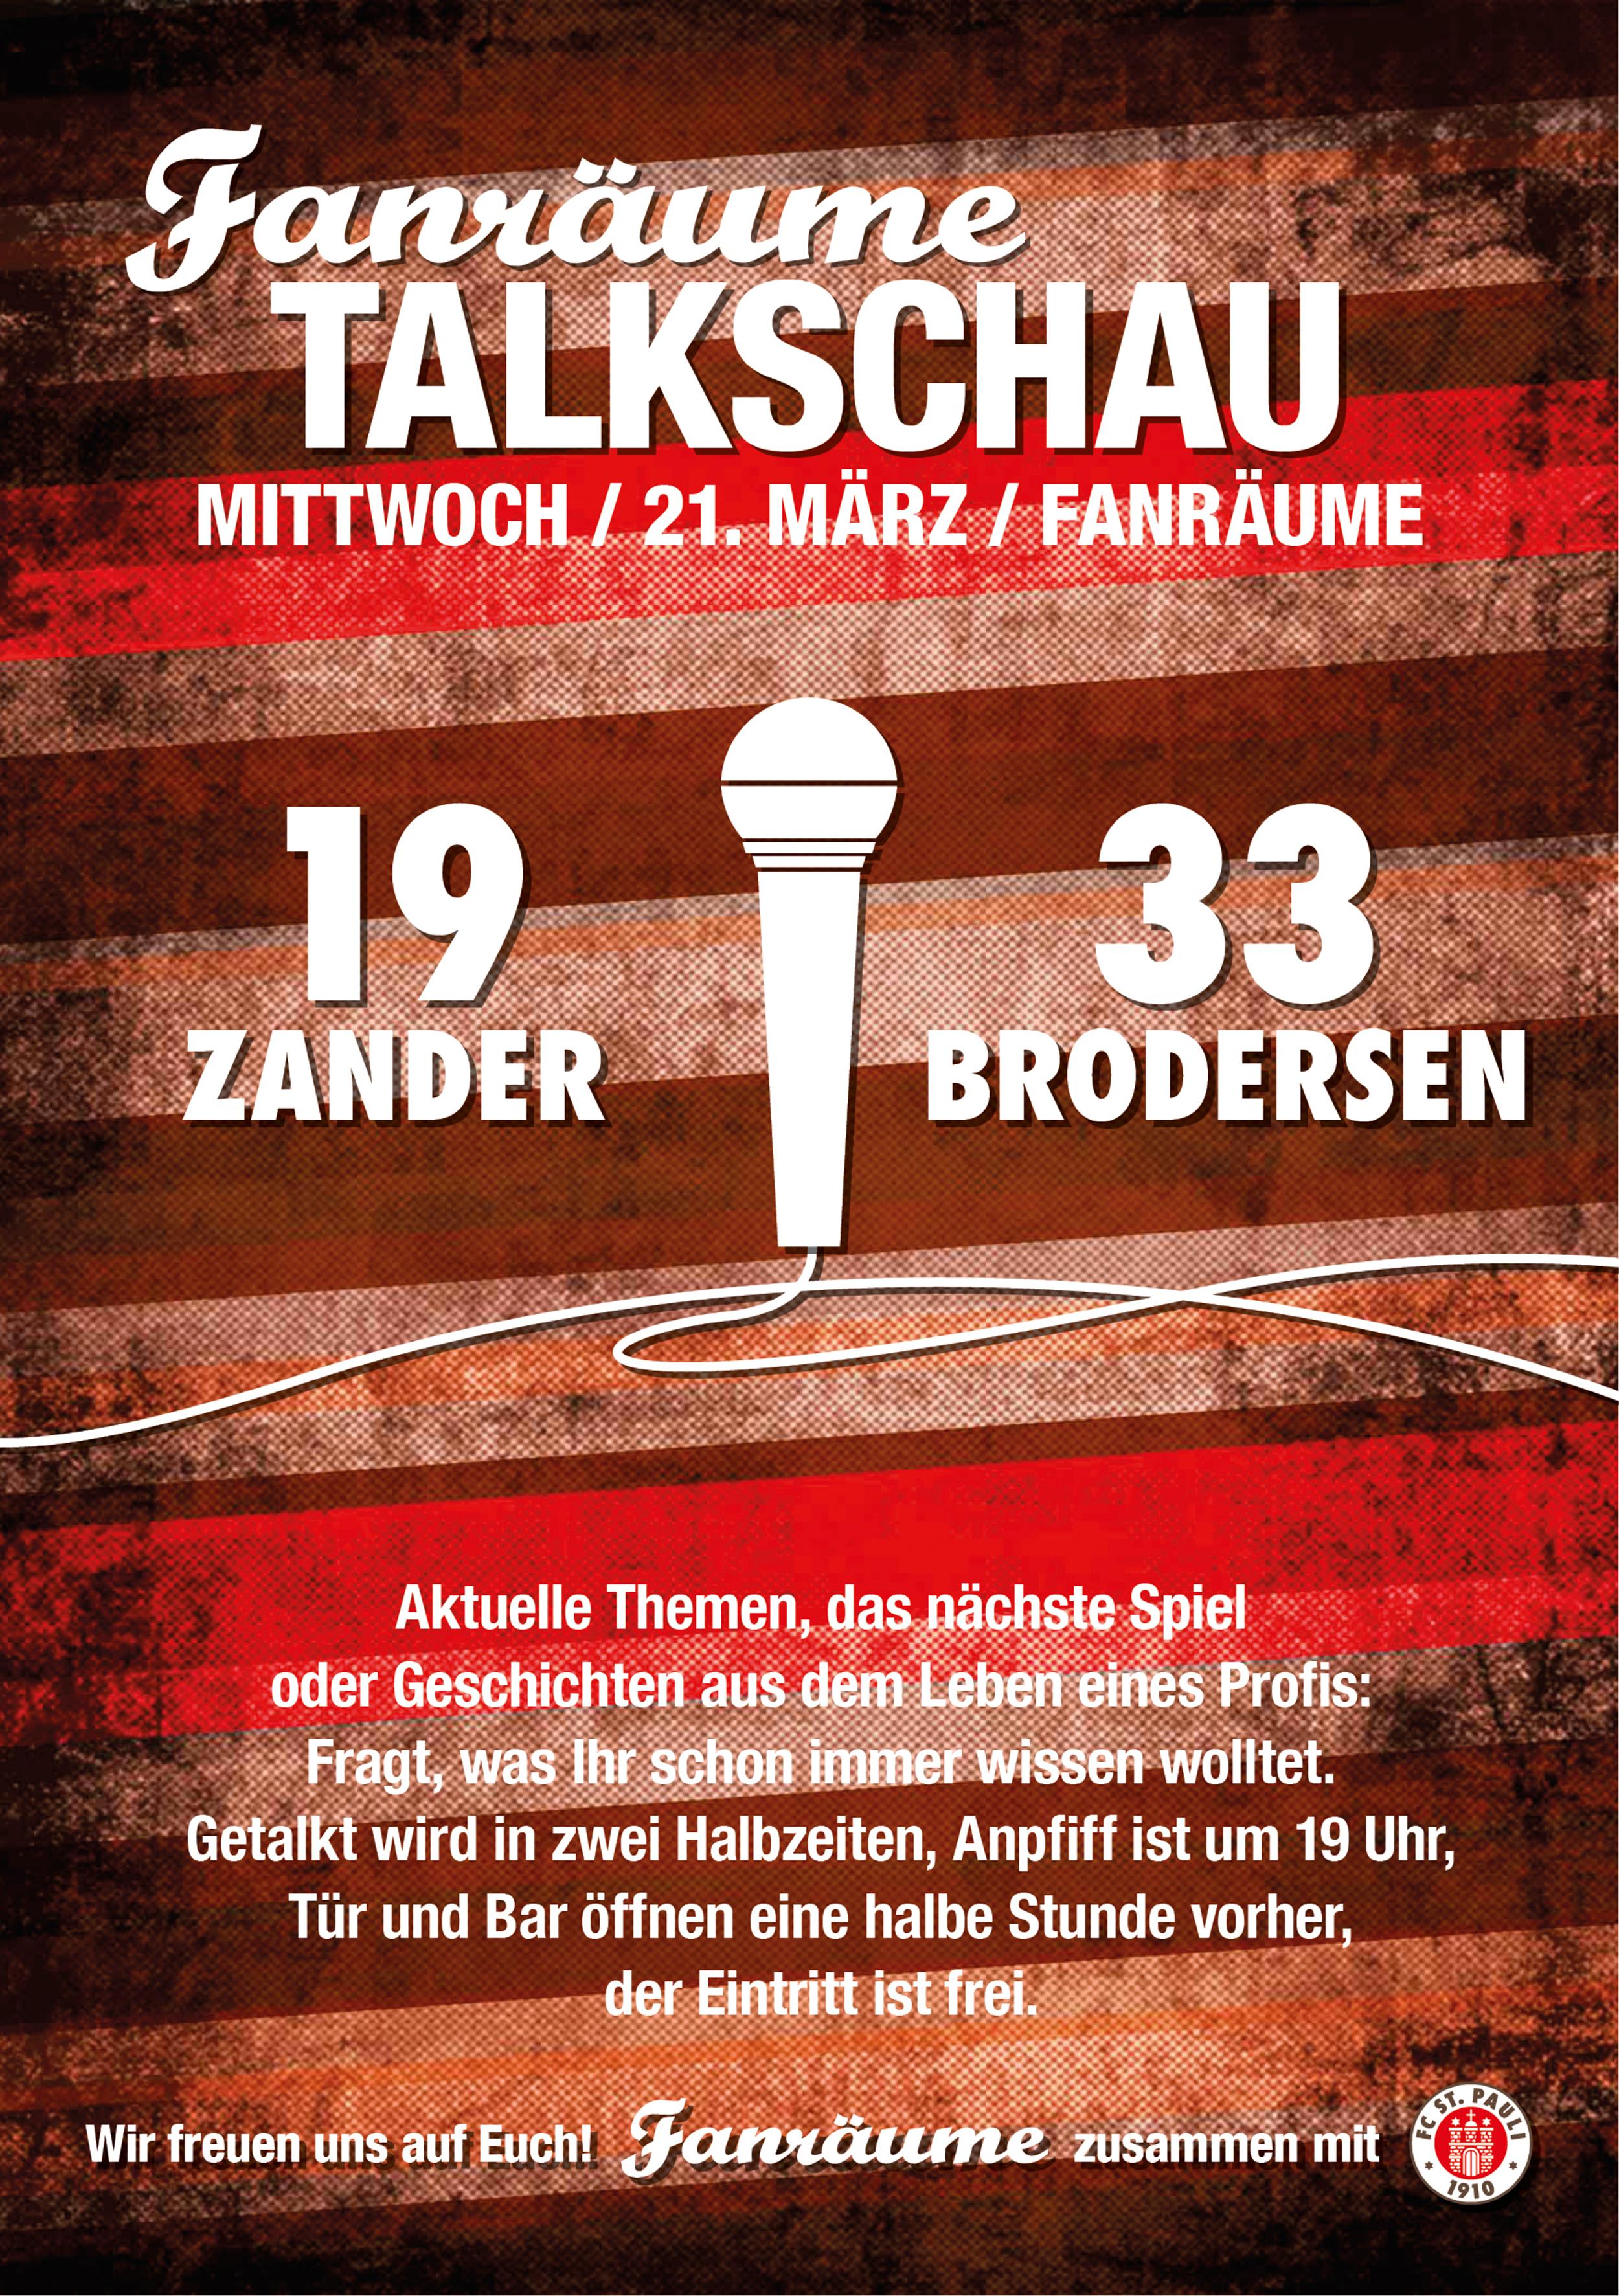 Fanräume Talkschau Vol. 26 mit Brodersen und Zander